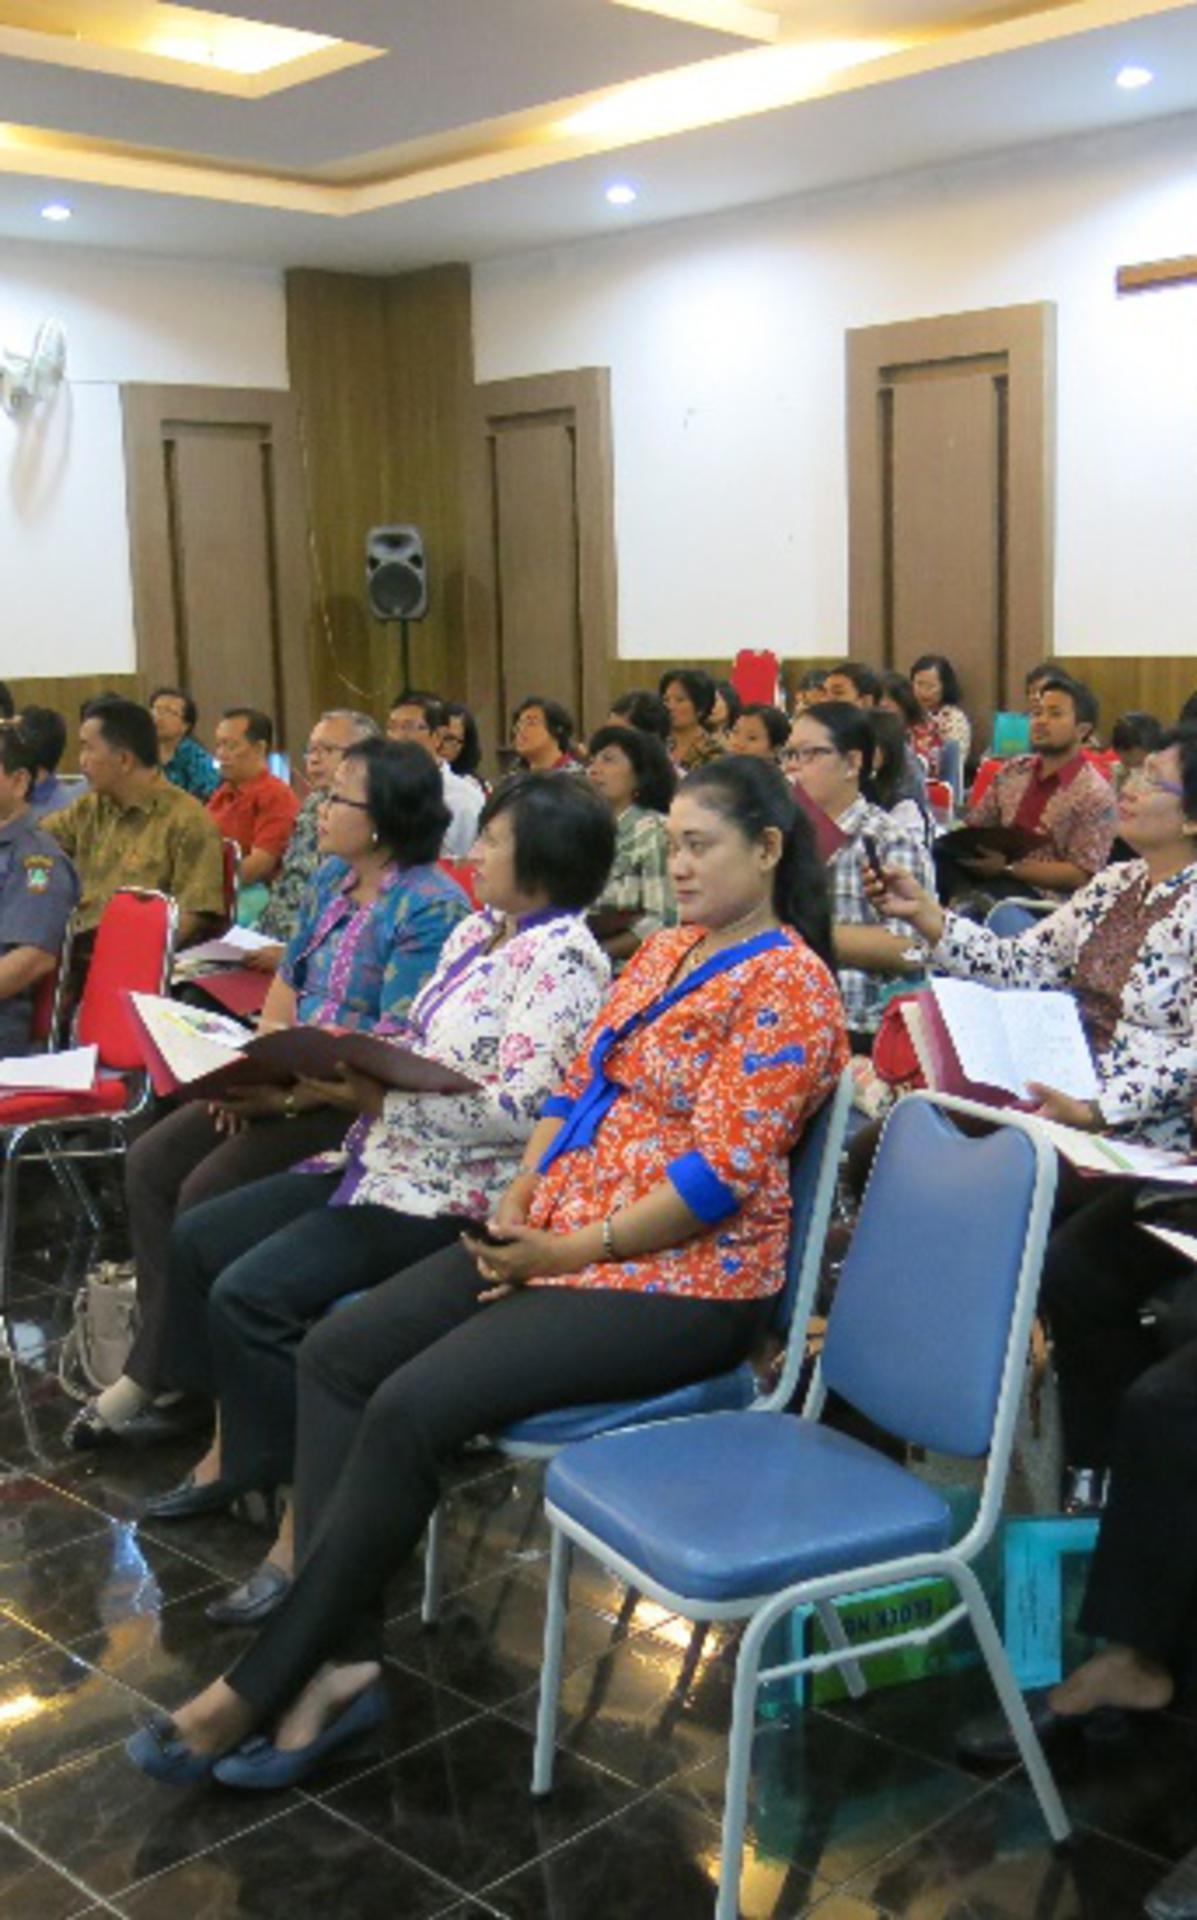 SeminarAttendees1.jpg